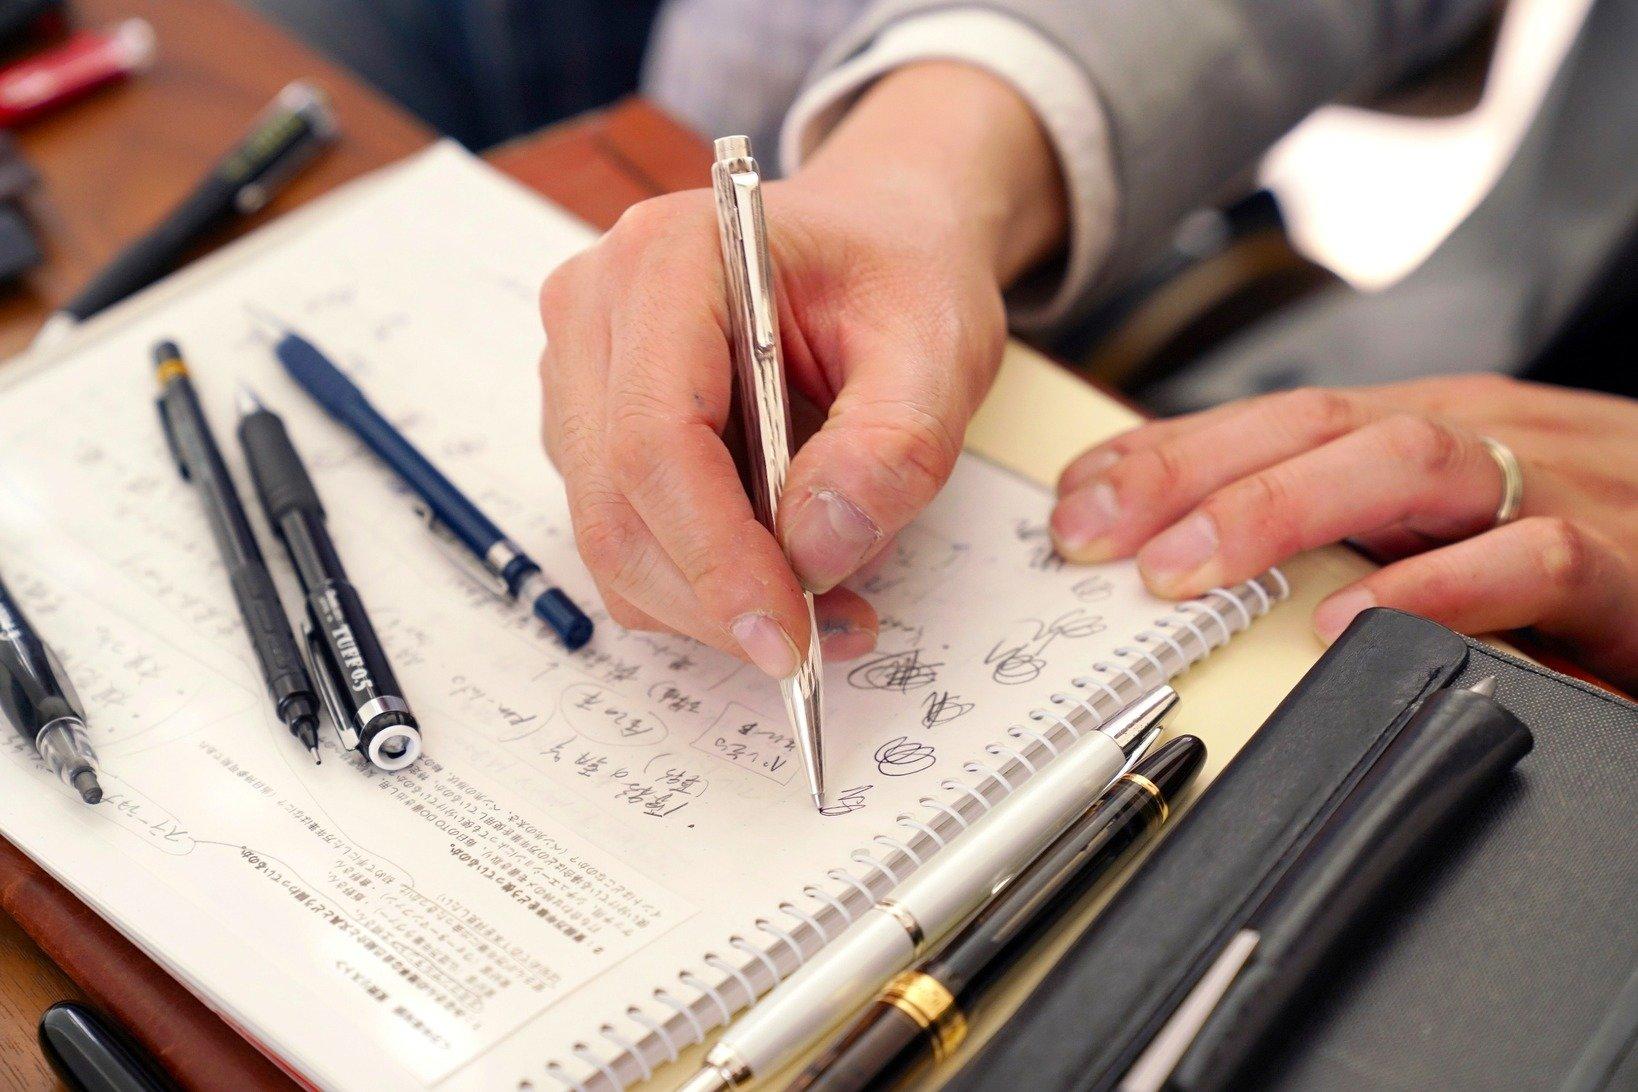 飯野さんが最近よく使っているという、カランダッシュのエクリドールのボールペン。今や貴重な純銀軸で、模様は未だにファンの多いベネシアン。